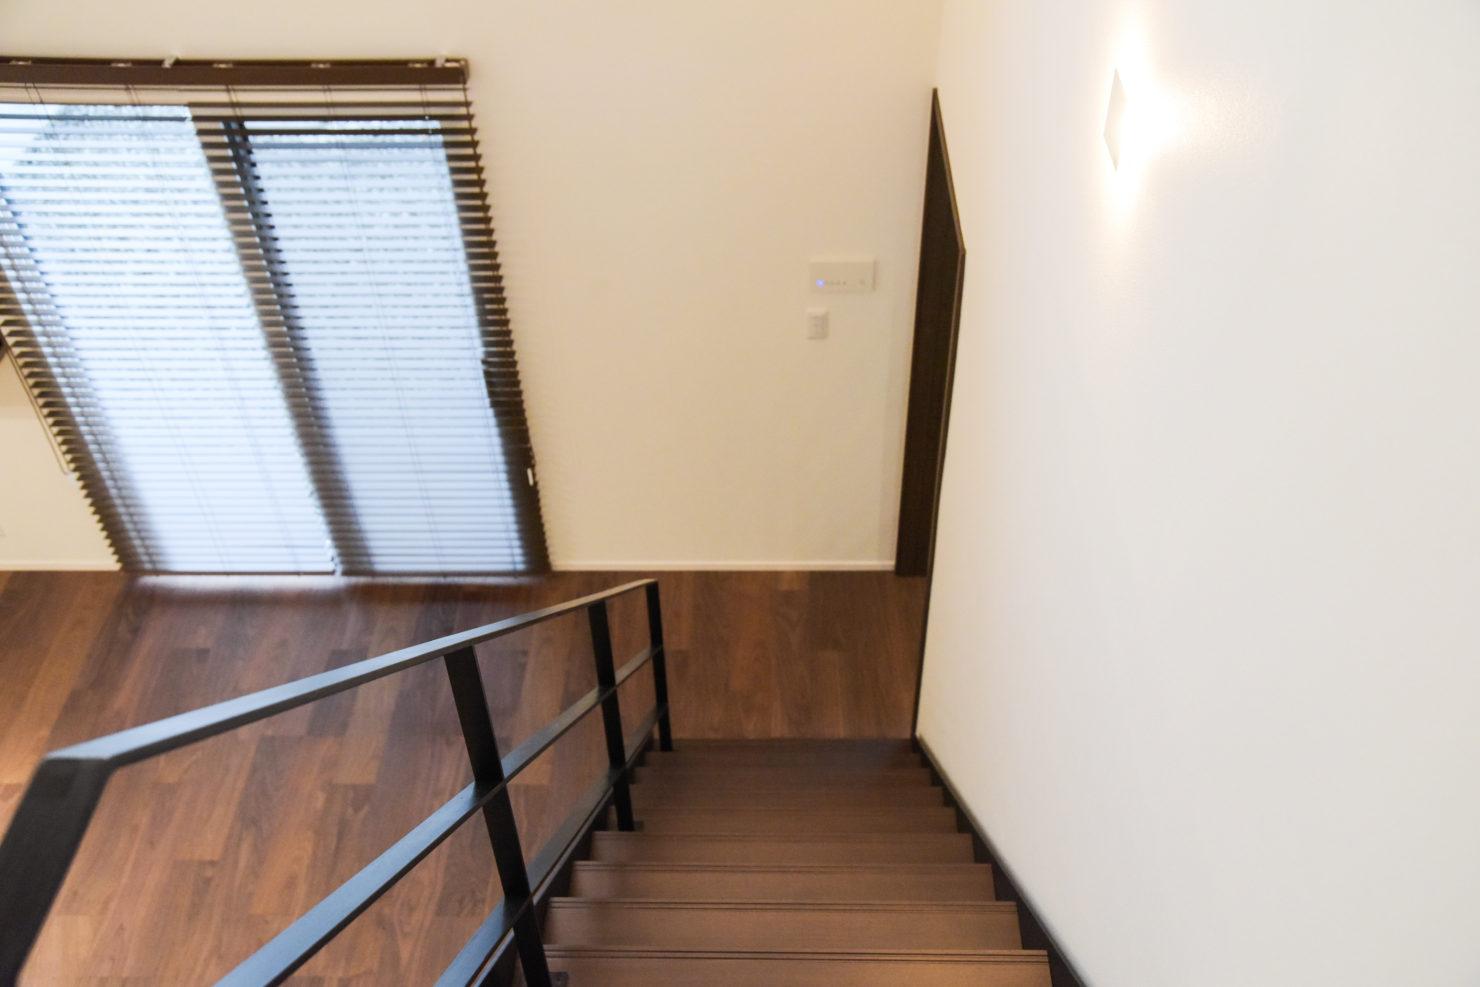 ハウスM21「仲間が集う場所」階段写真